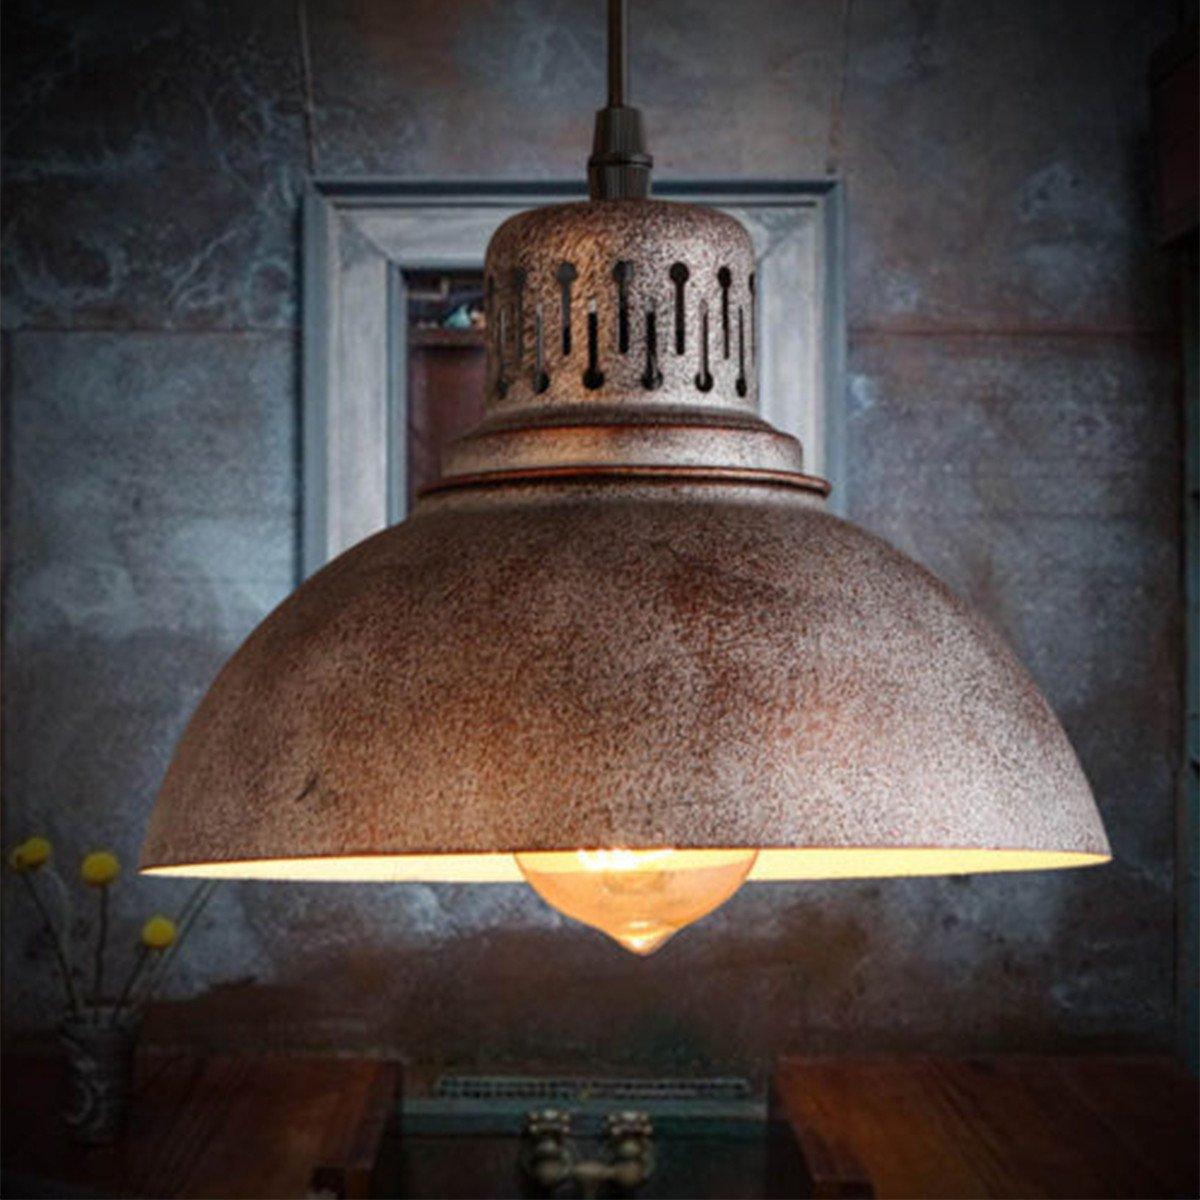 KING DO WAY industriellen Stil Vintage Loft Kronleuchter,Retro-DIY Dekoration-Lampe E27 Fassungen(ohne Leuchtmittel),Durchmesser 22cm,AC220V,Außen Rostfarbe